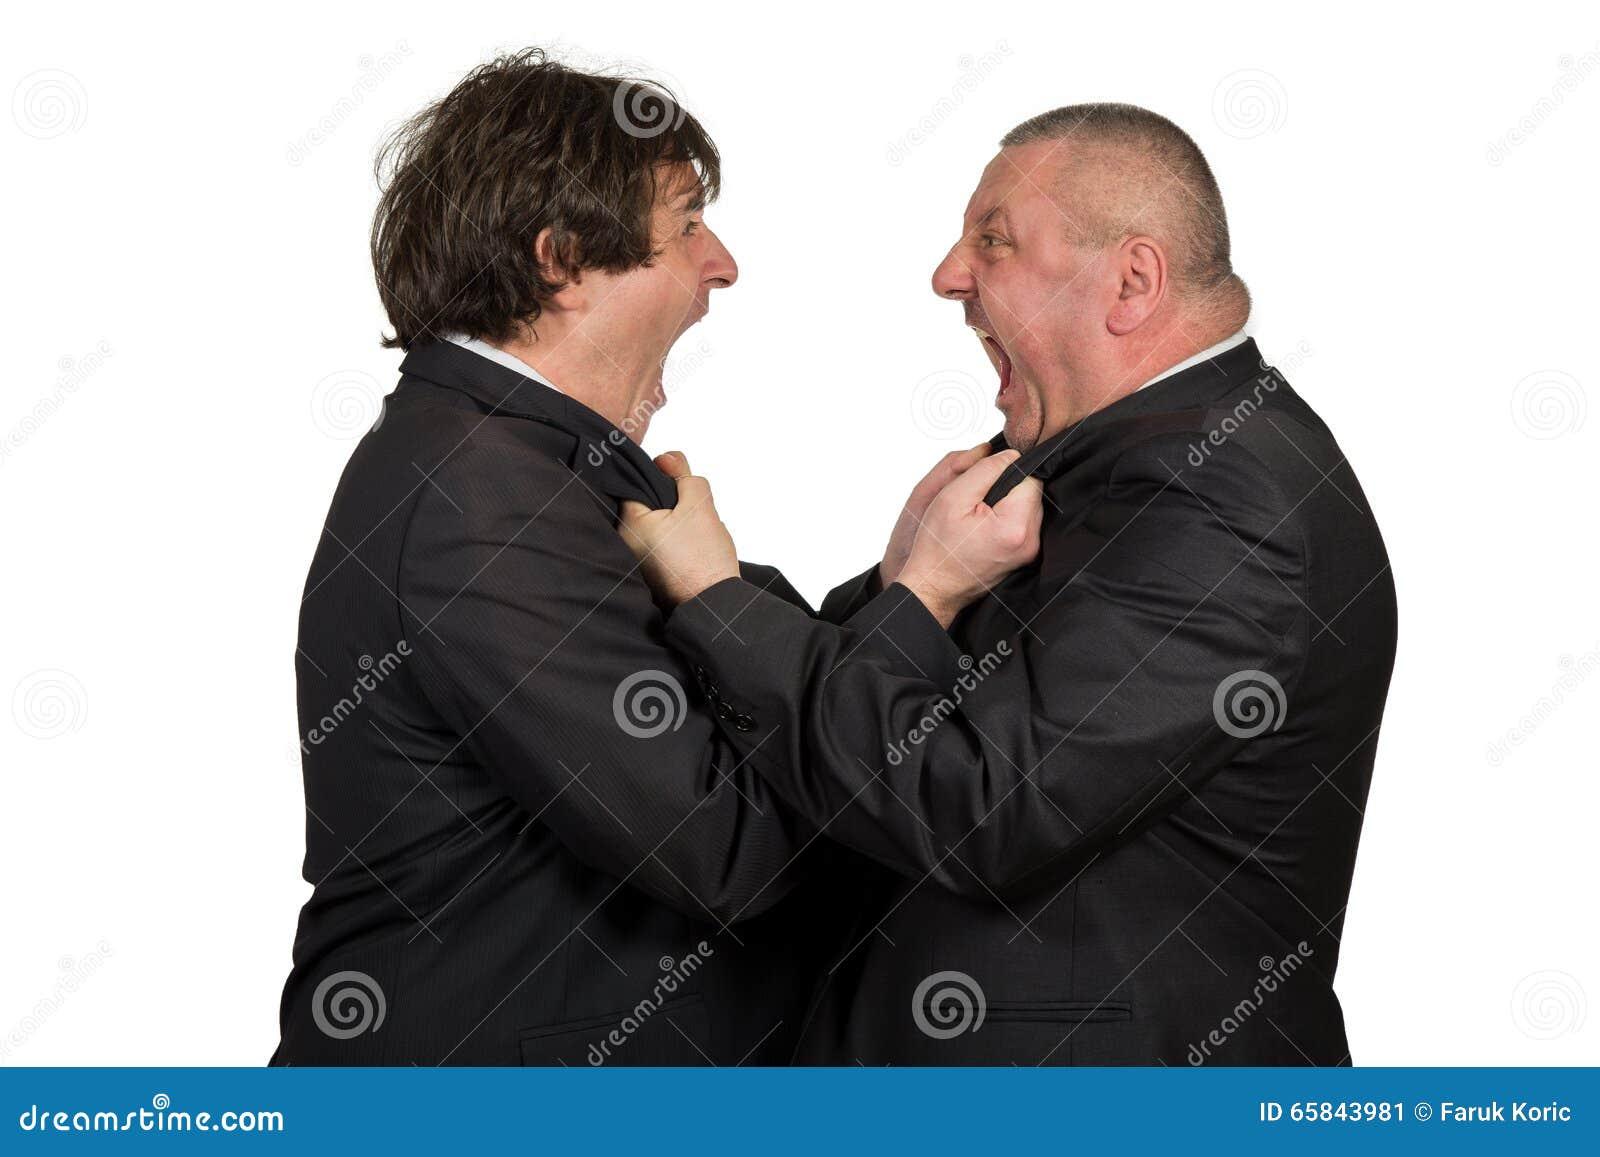 Zwei verärgerte Geschäftskollegen während eines Arguments, lokalisiert auf weißem Hintergrund